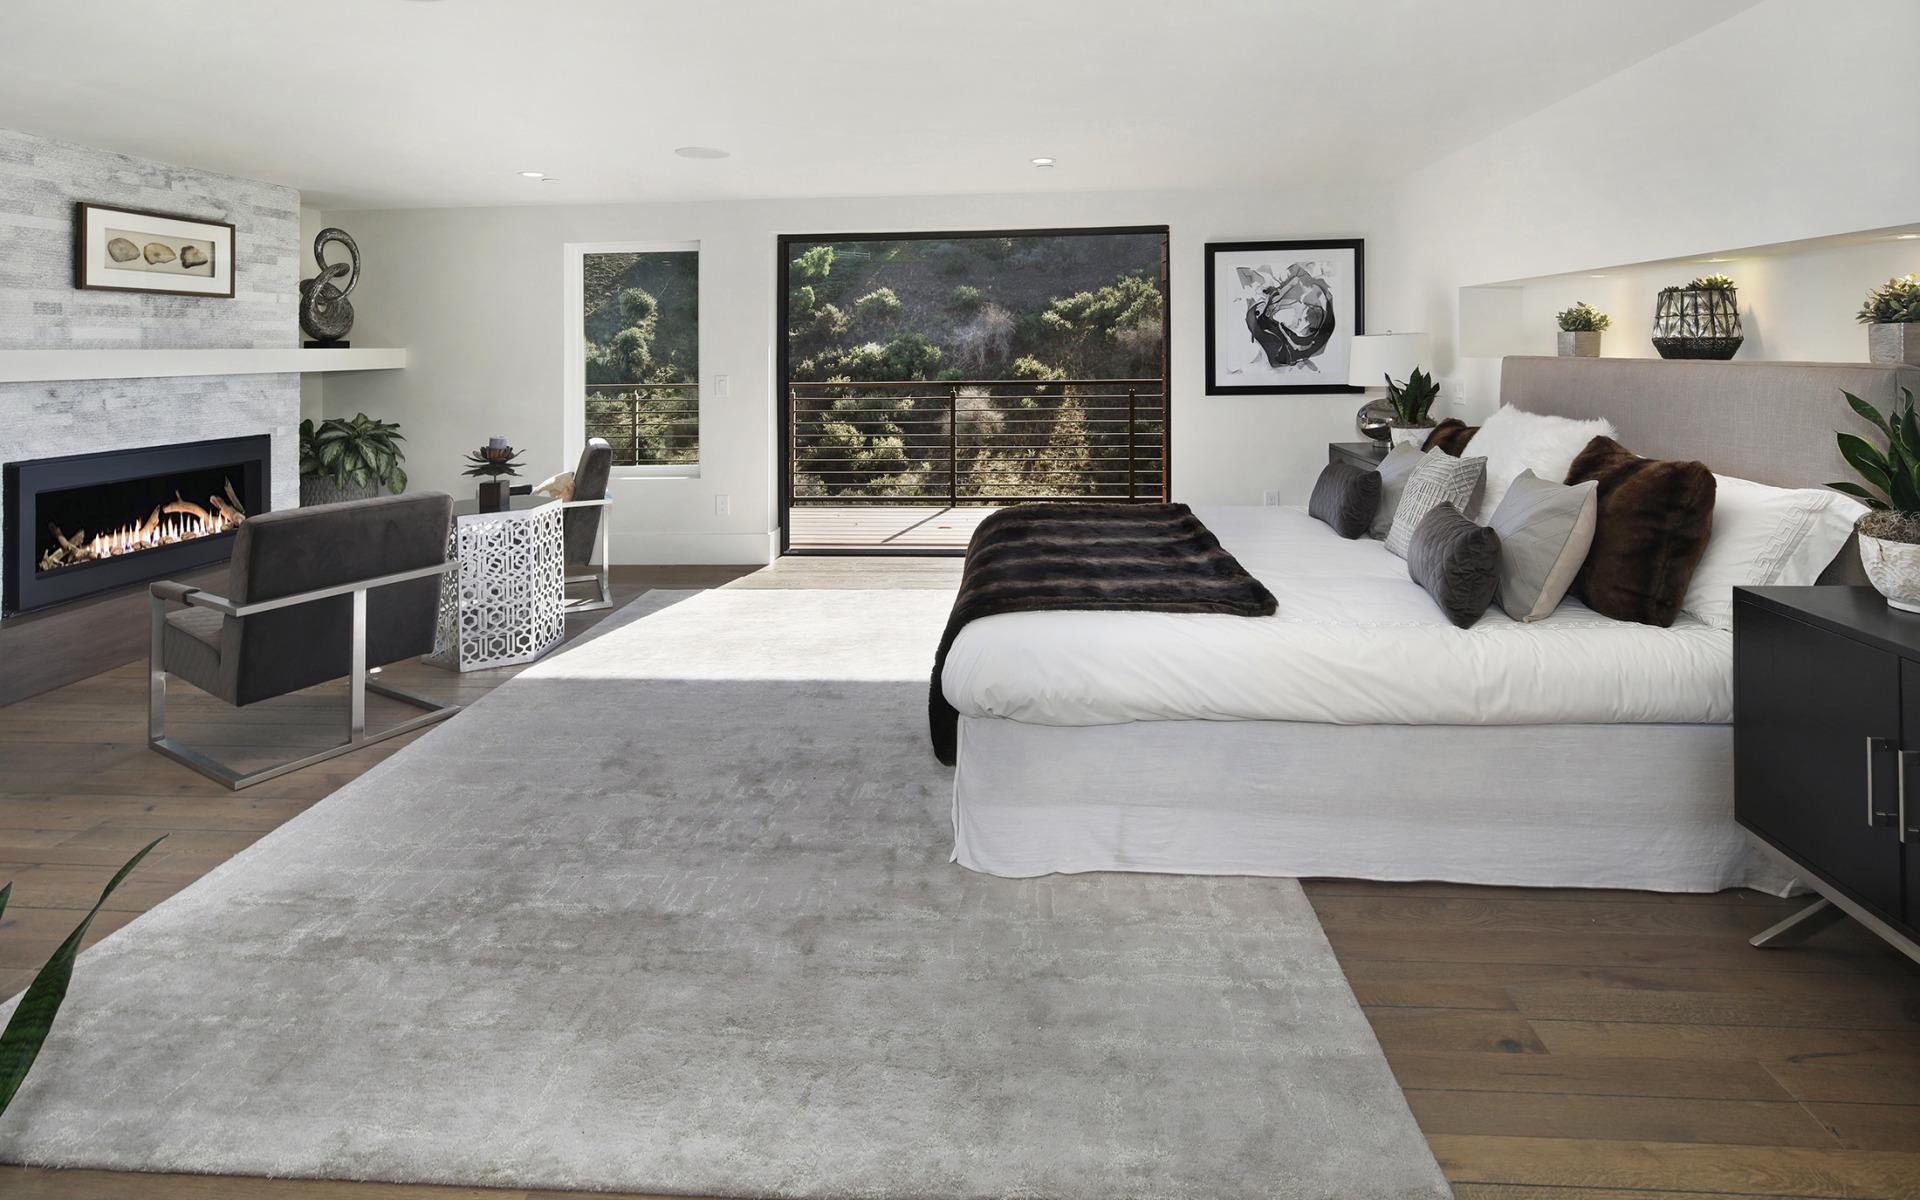 Full Size of Weißes Schlafzimmer Herunterladen Hintergrundbild Stilvolle Interieur Günstige Komplett Mit Lattenrost Und Matratze Bett 140x200 Komplettangebote Schränke Schlafzimmer Weißes Schlafzimmer